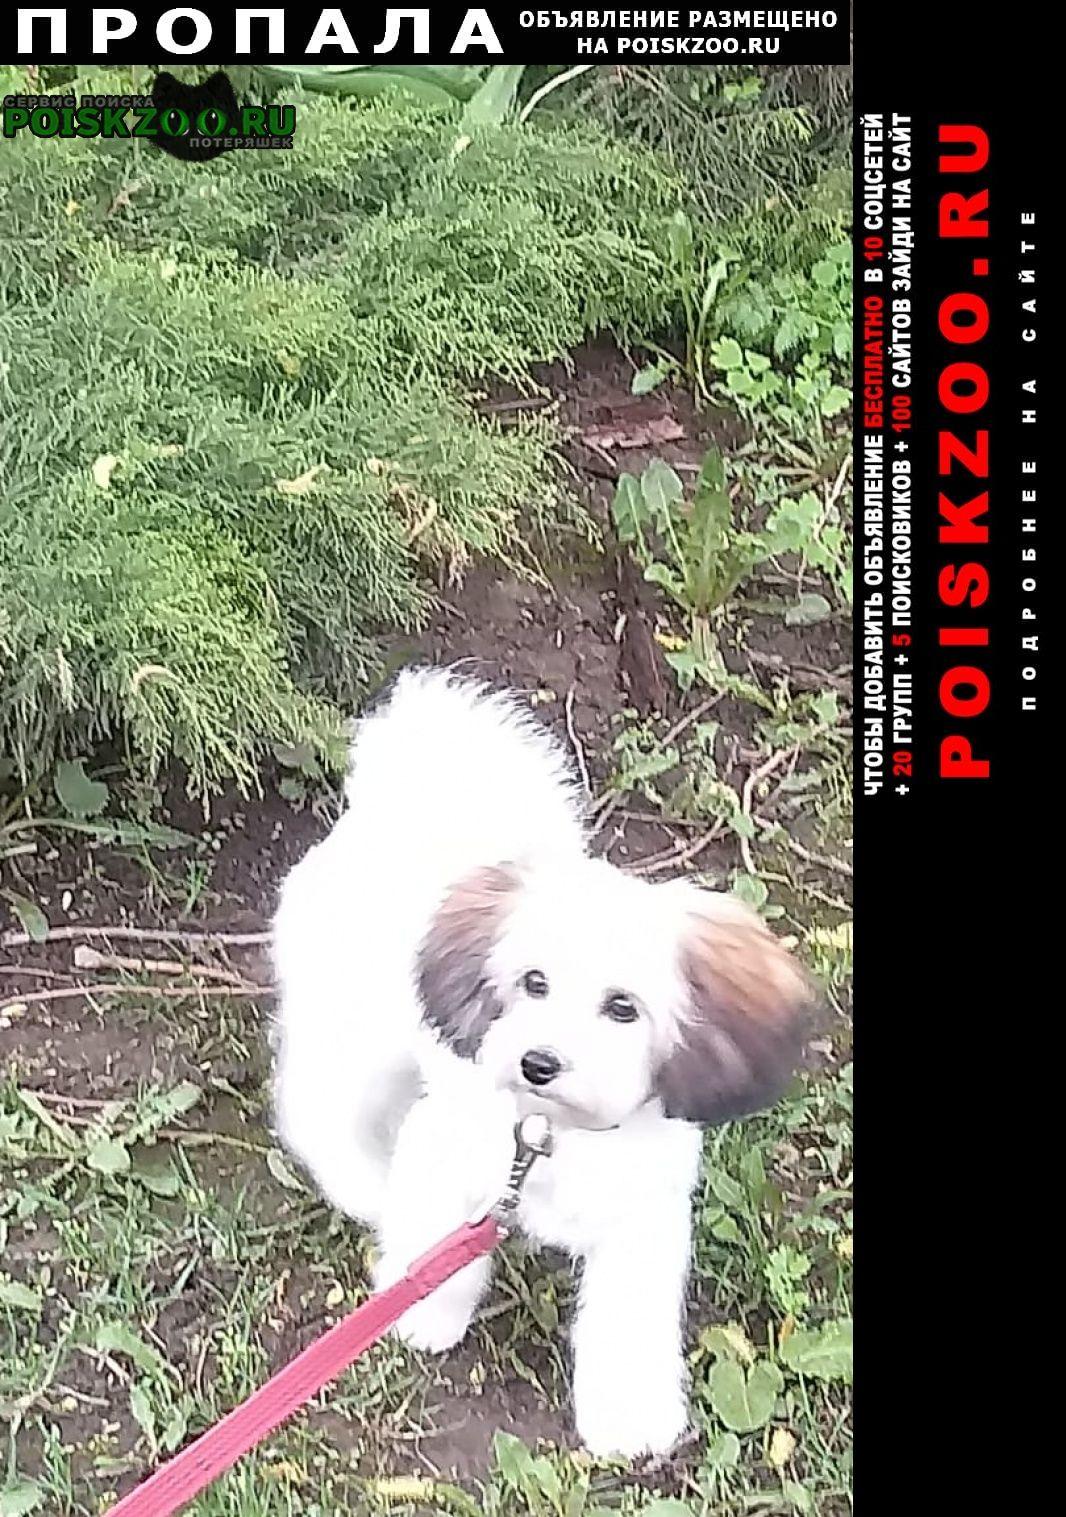 Пропала собака кобель маленький белый щенок Москва